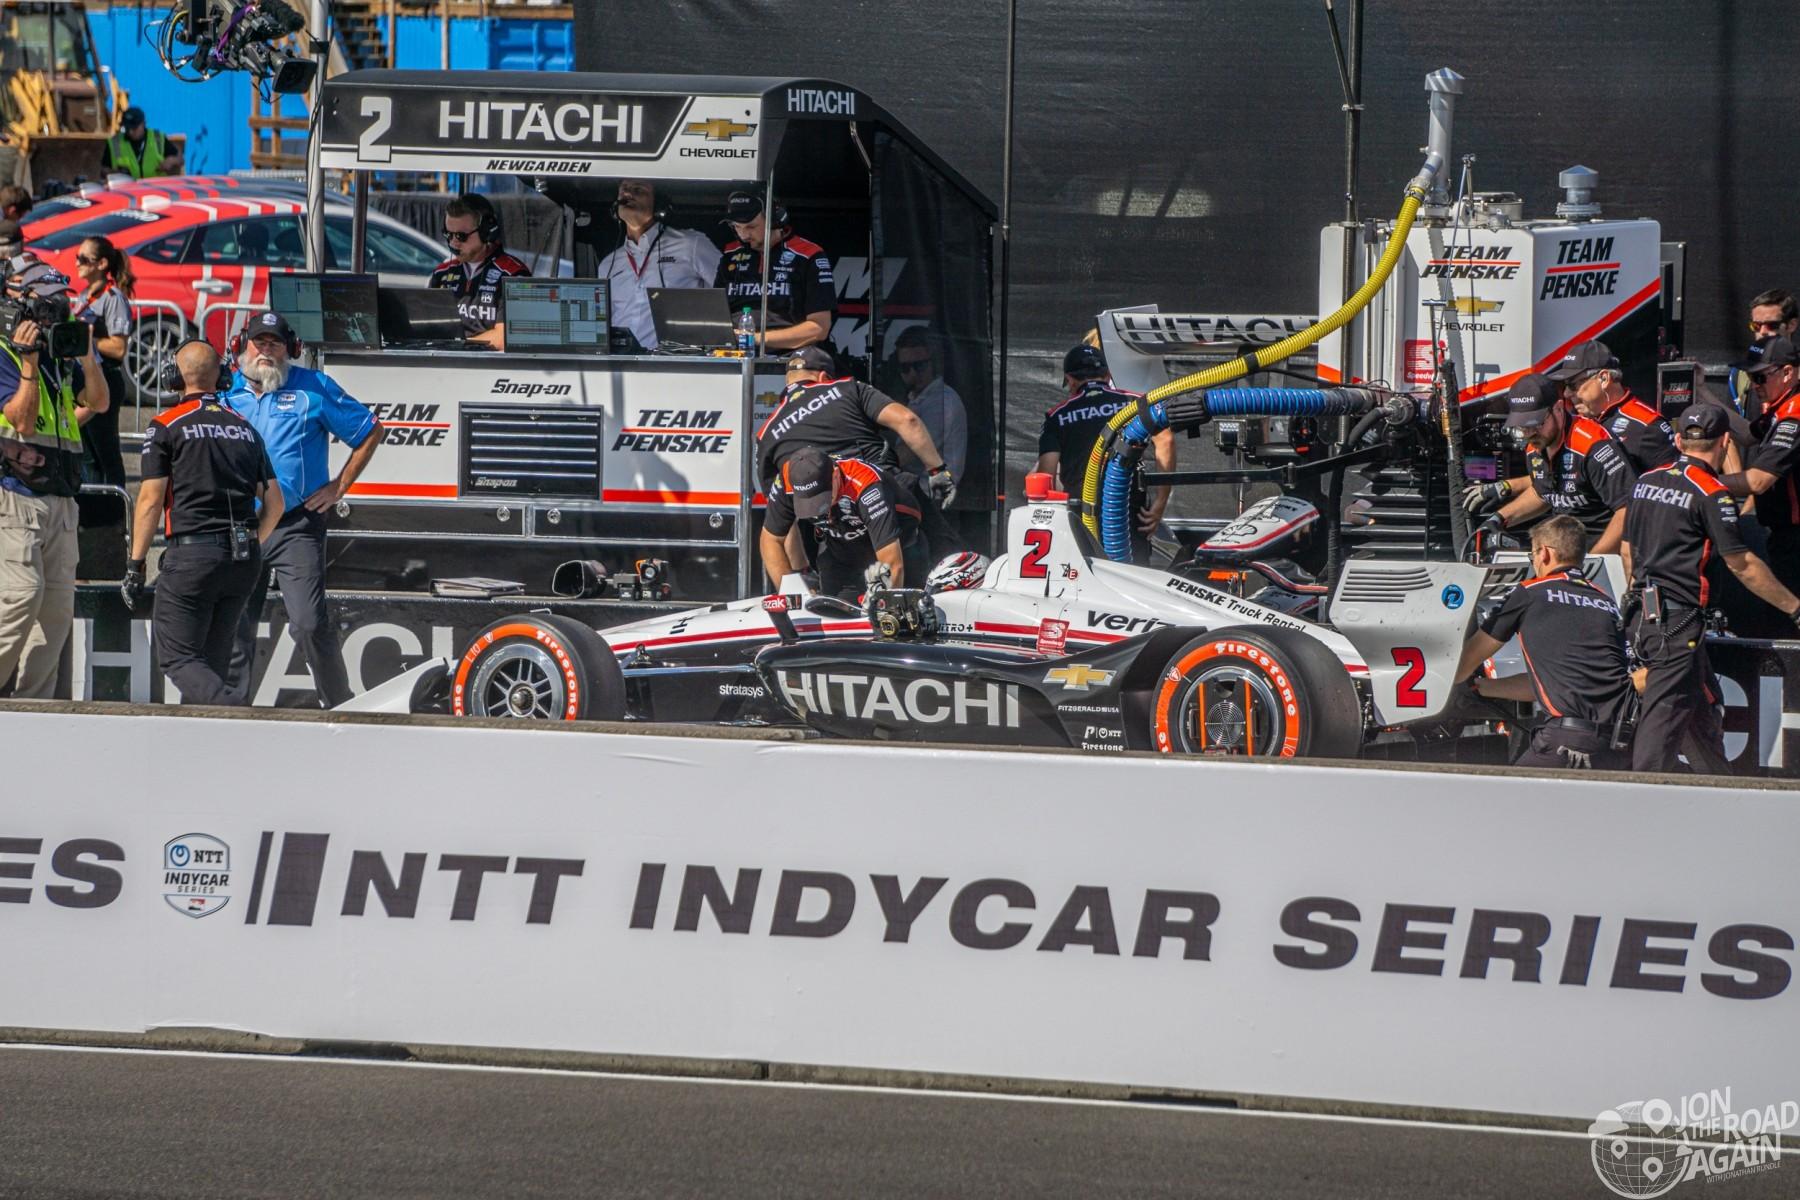 Hitachi Indycar Portland